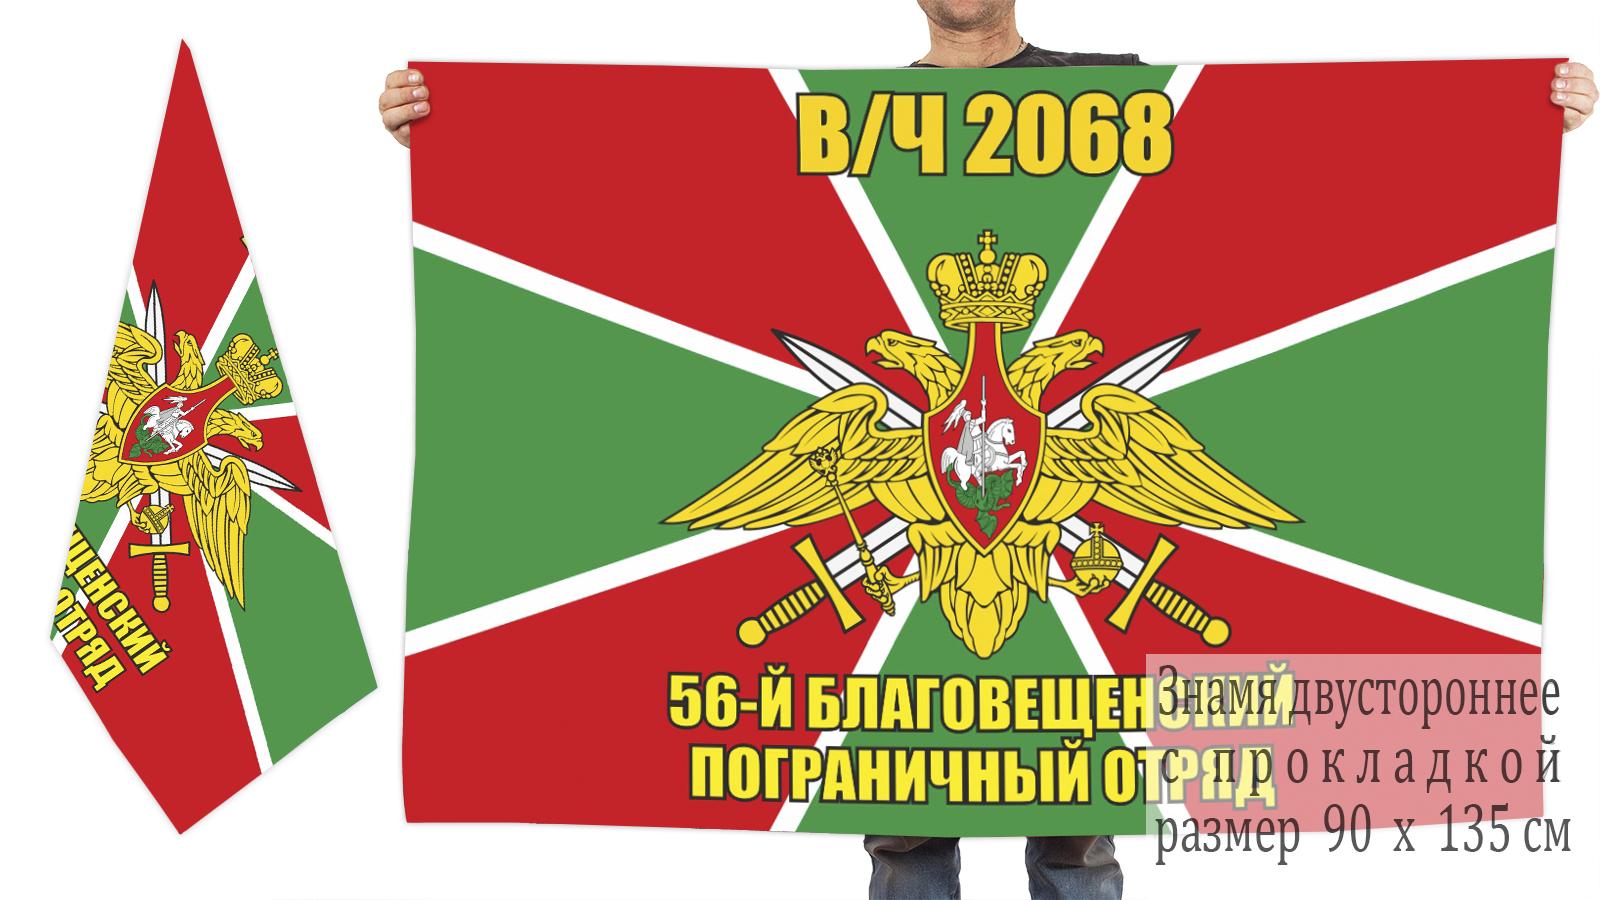 Двусторонний флаг 56 Благовещенского пограничного отряда